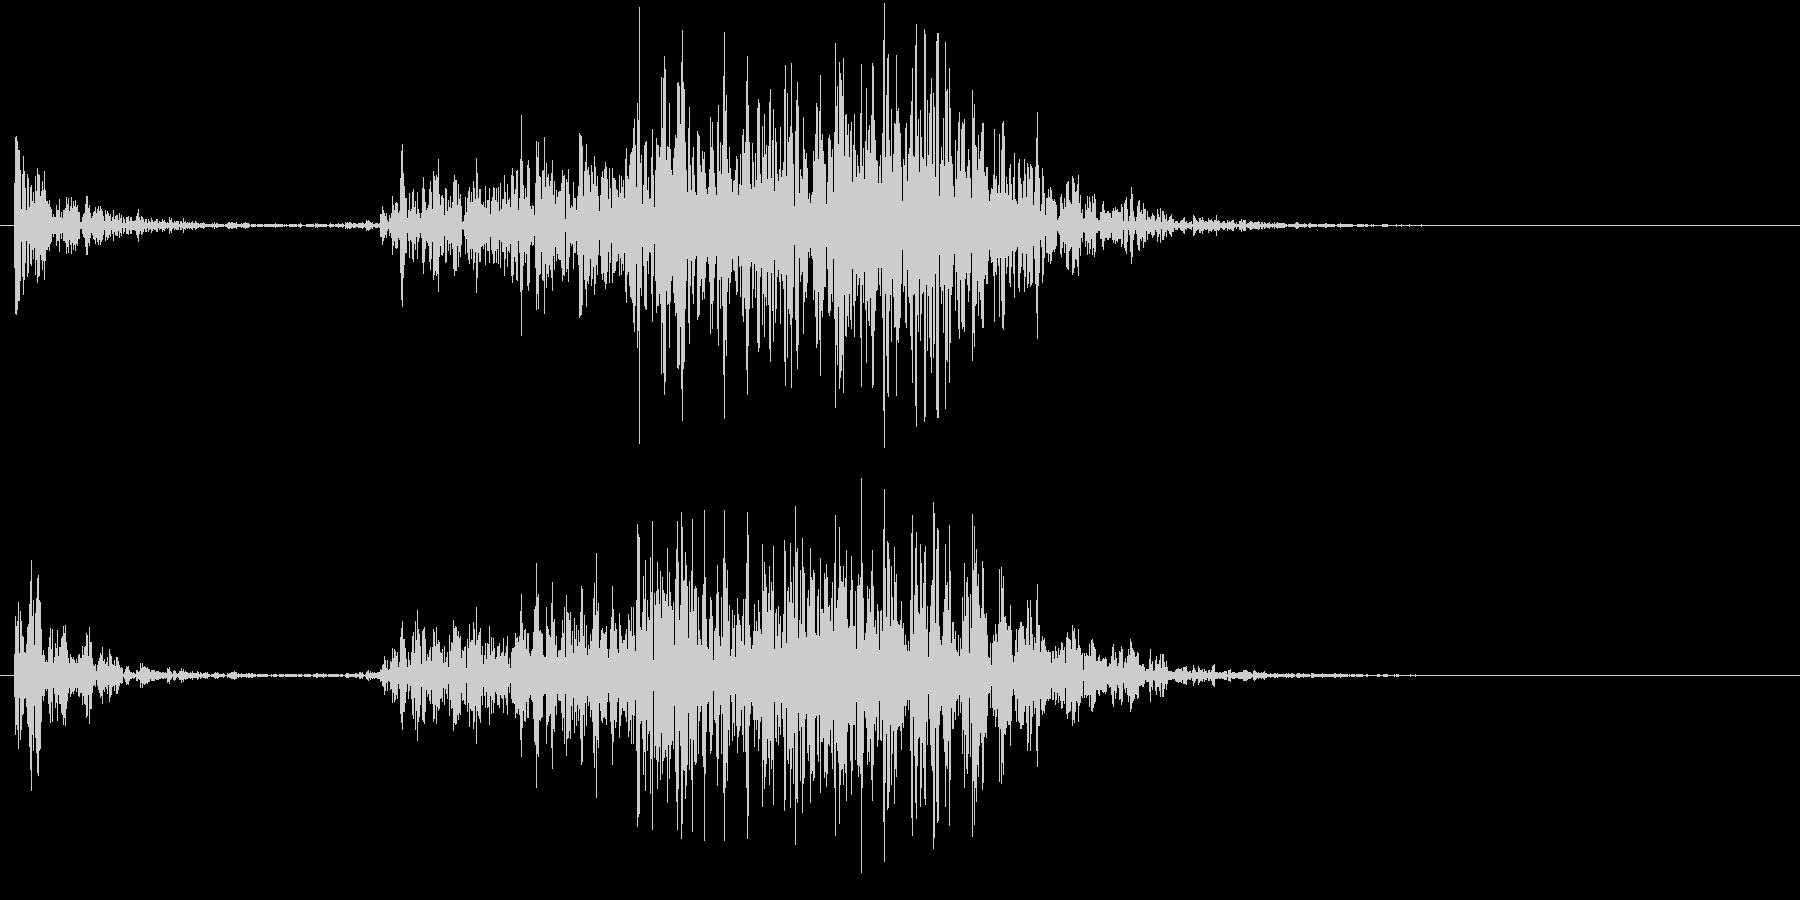 【生録音】ペンで書く音 机 10の未再生の波形